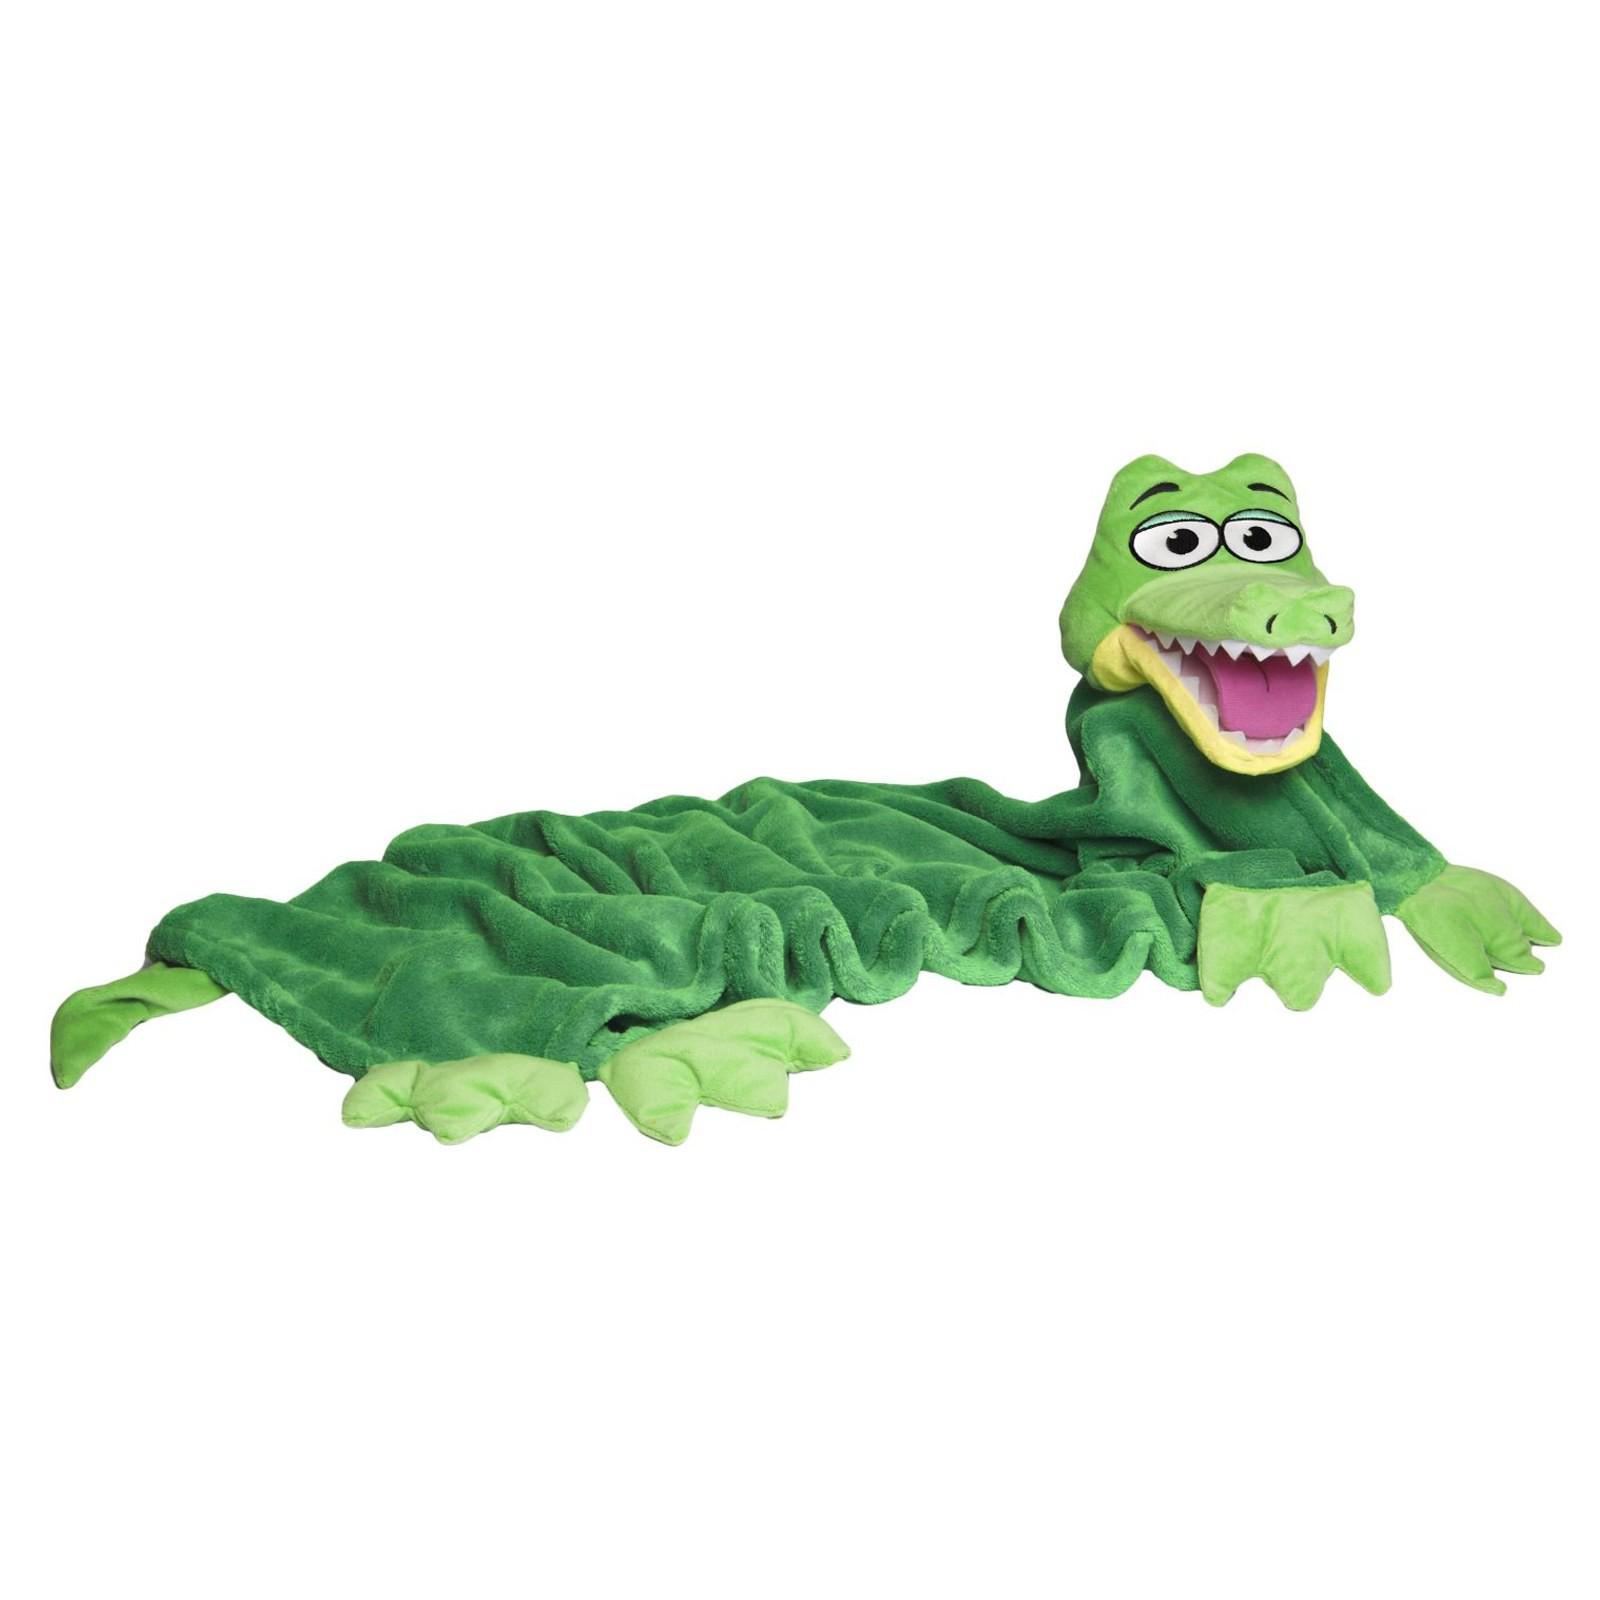 Coperta bambino con pupazzo pile bambini plaid morbido copri letto coccodrillo area illumina - Letto a forma di peluche ...